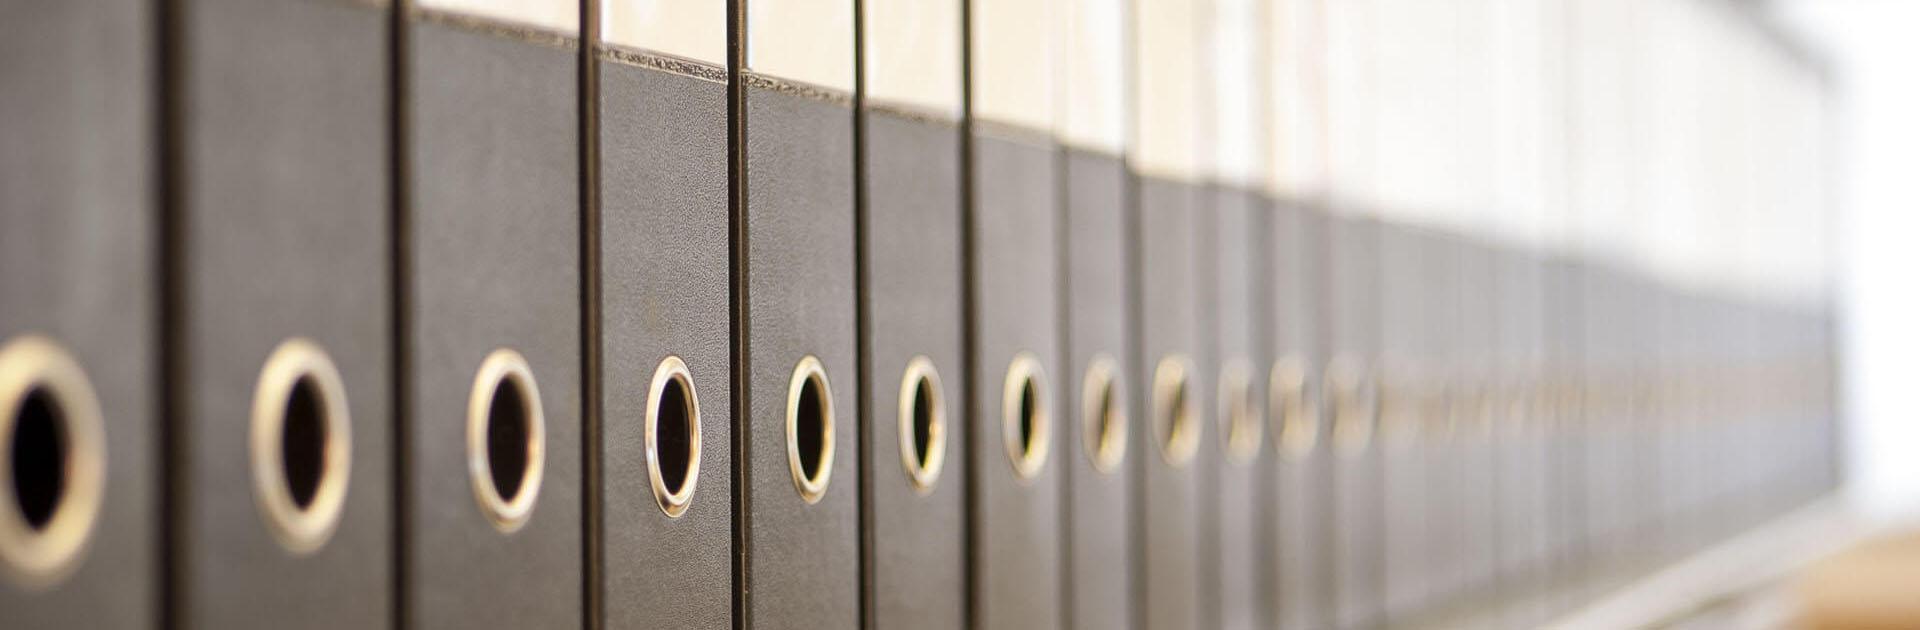 Emails gesetzeskonform archivieren